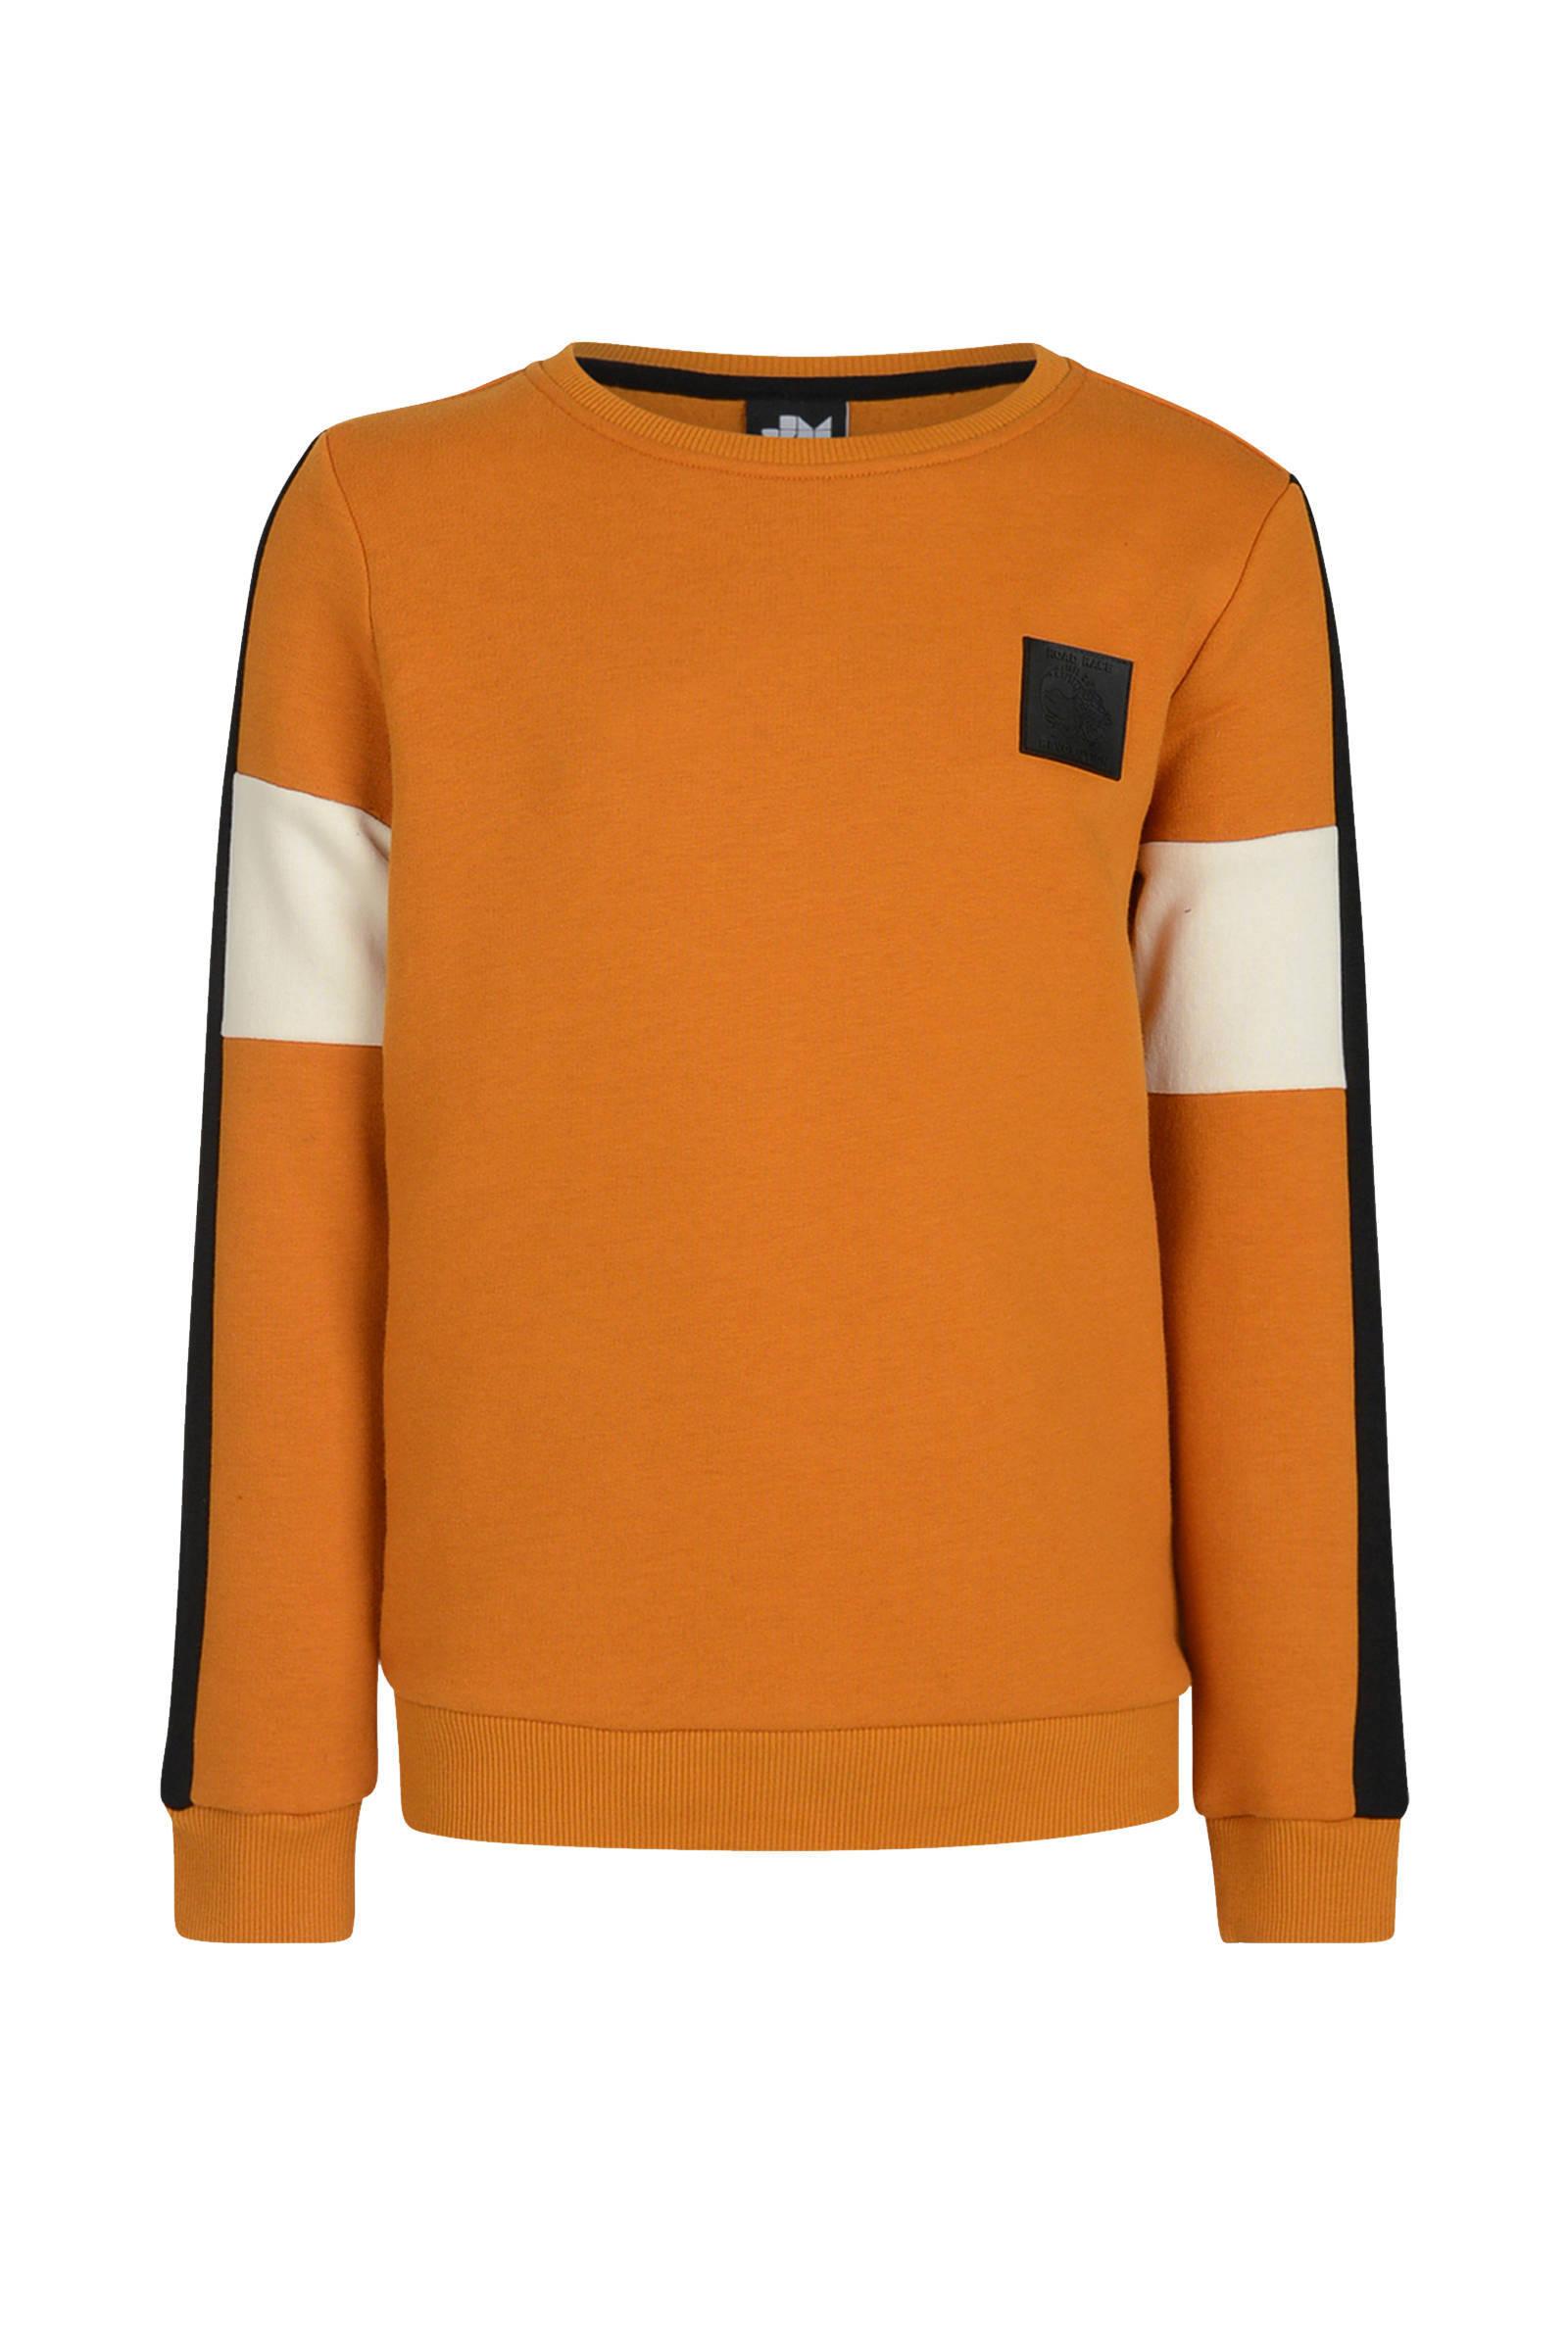 Jill & Mitch Aylin Trui Oranje Truien en sweaters Truien